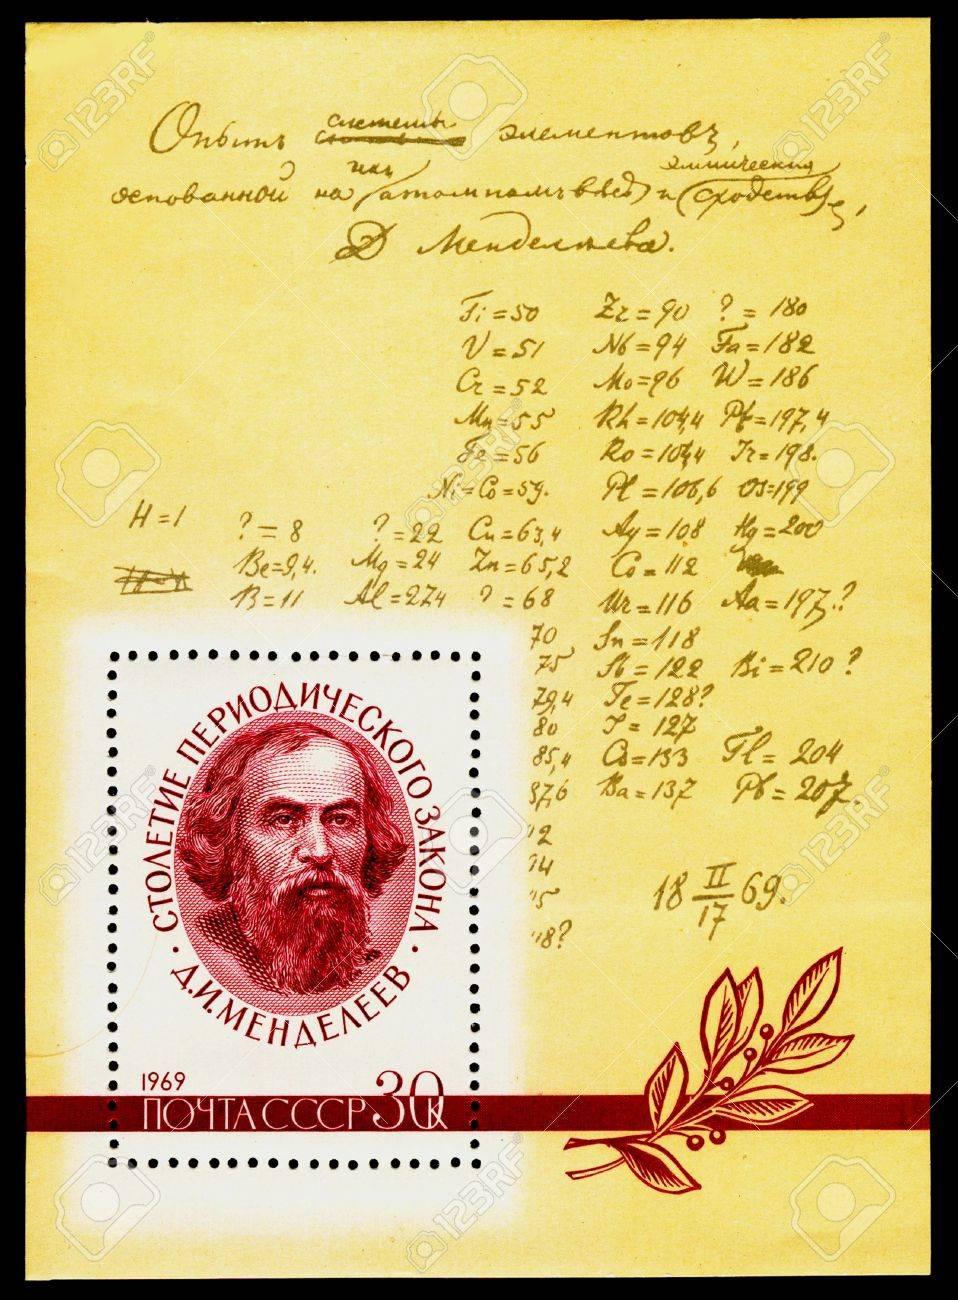 Dimitri ivanovich mendeleiev fue un qumico e inventor ruso se le dimitri ivanovich mendeleiev fue un qumico e inventor ruso se le acredita como el creador de la primera versin de la tabla peridica de elementos urtaz Image collections